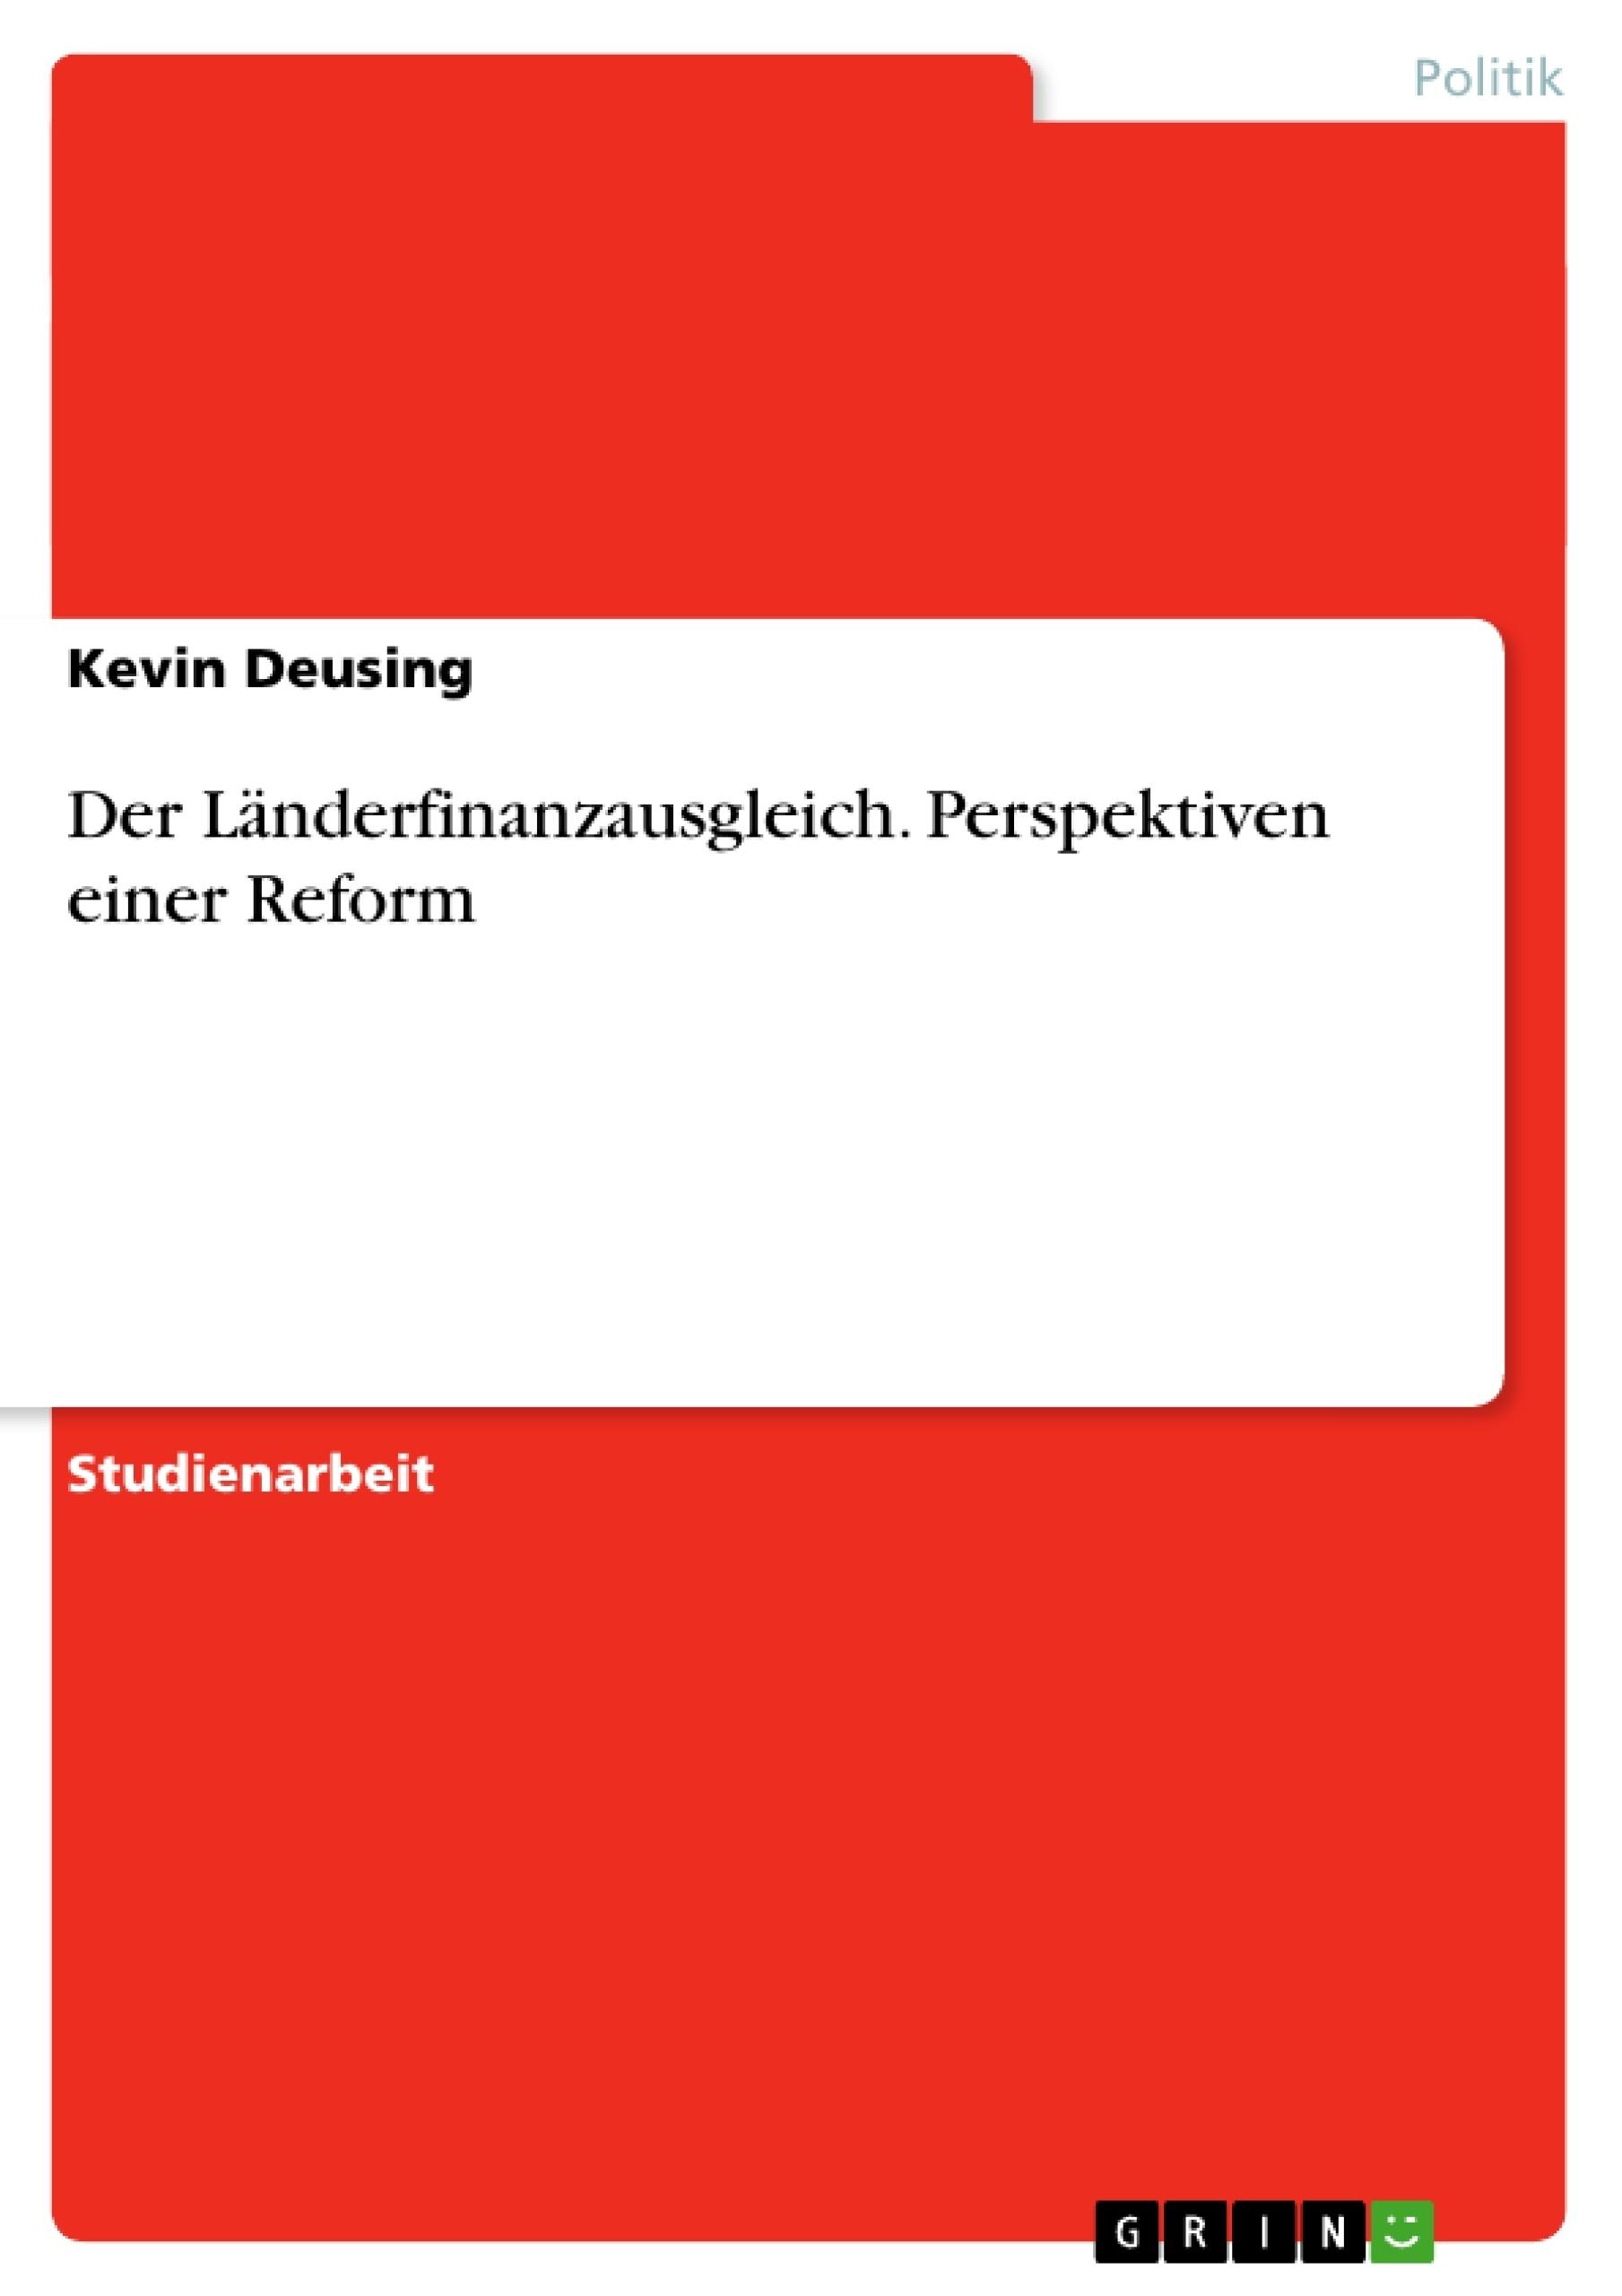 Titel: Der Länderfinanzausgleich. Perspektiven einer Reform